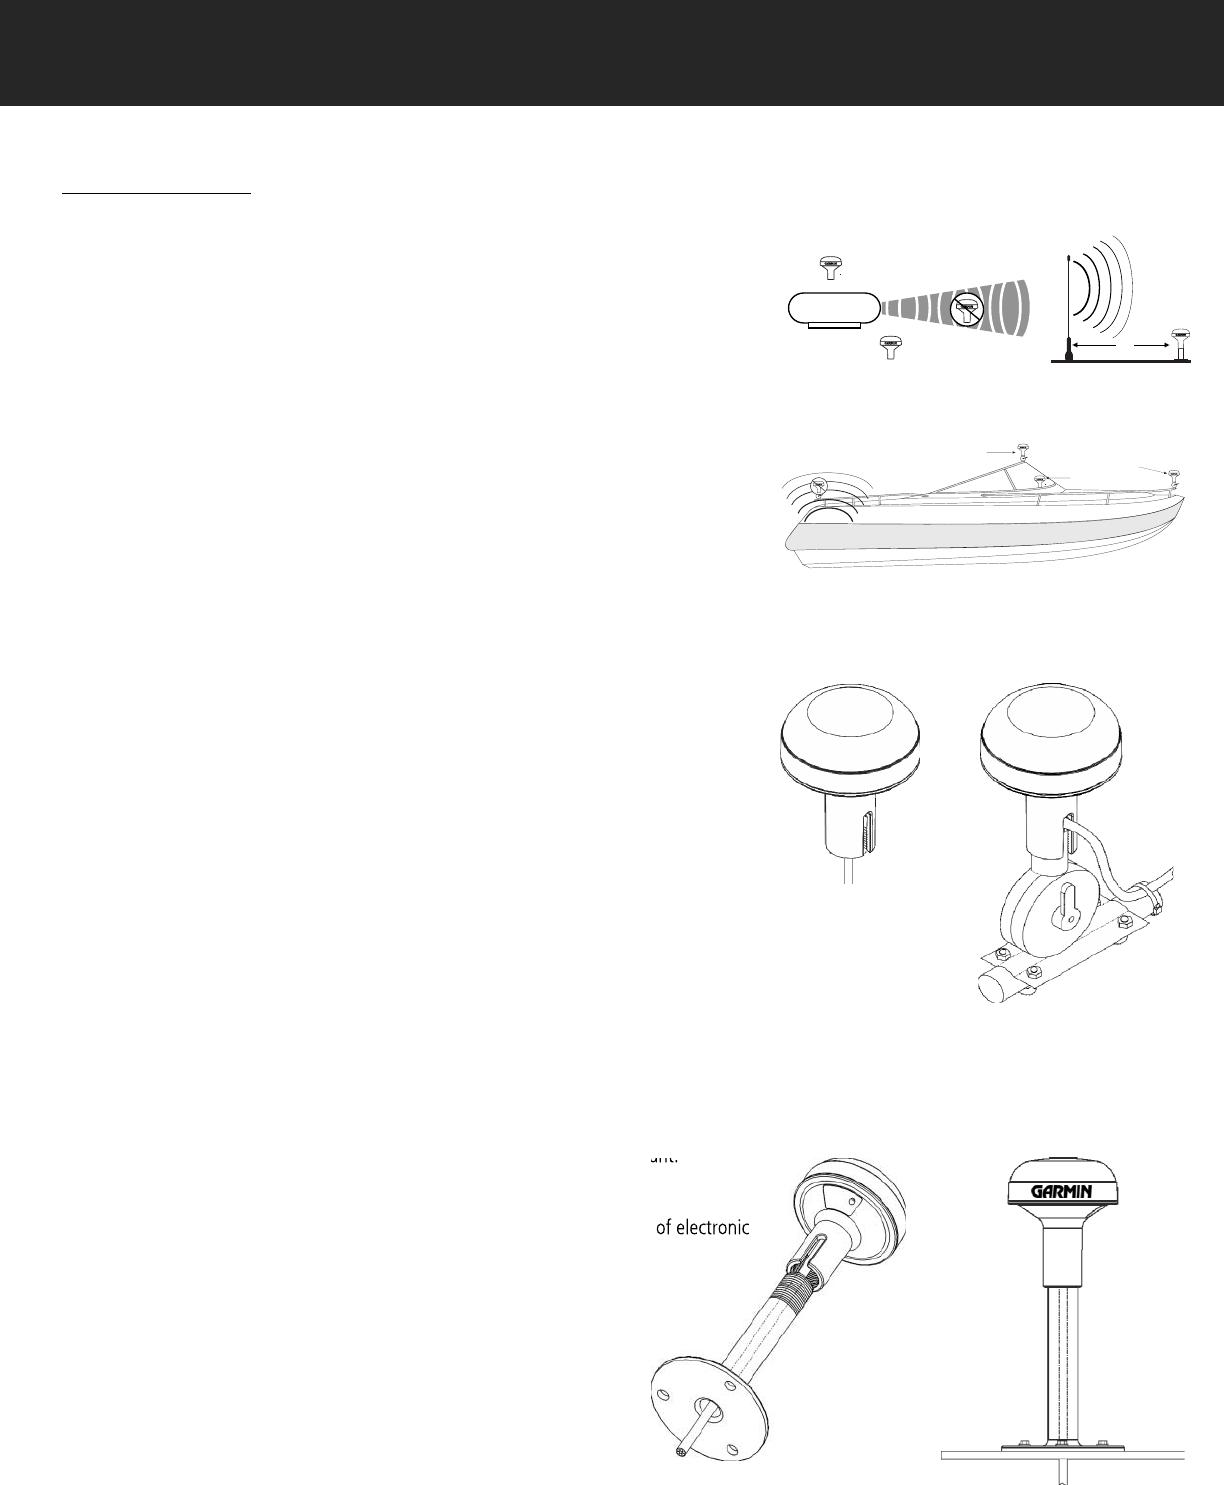 Handleiding Garmin Gpsmap 3010c Pagina 6 Van 12 English Gps 18 Pc Wiring Diagram Installing The 17